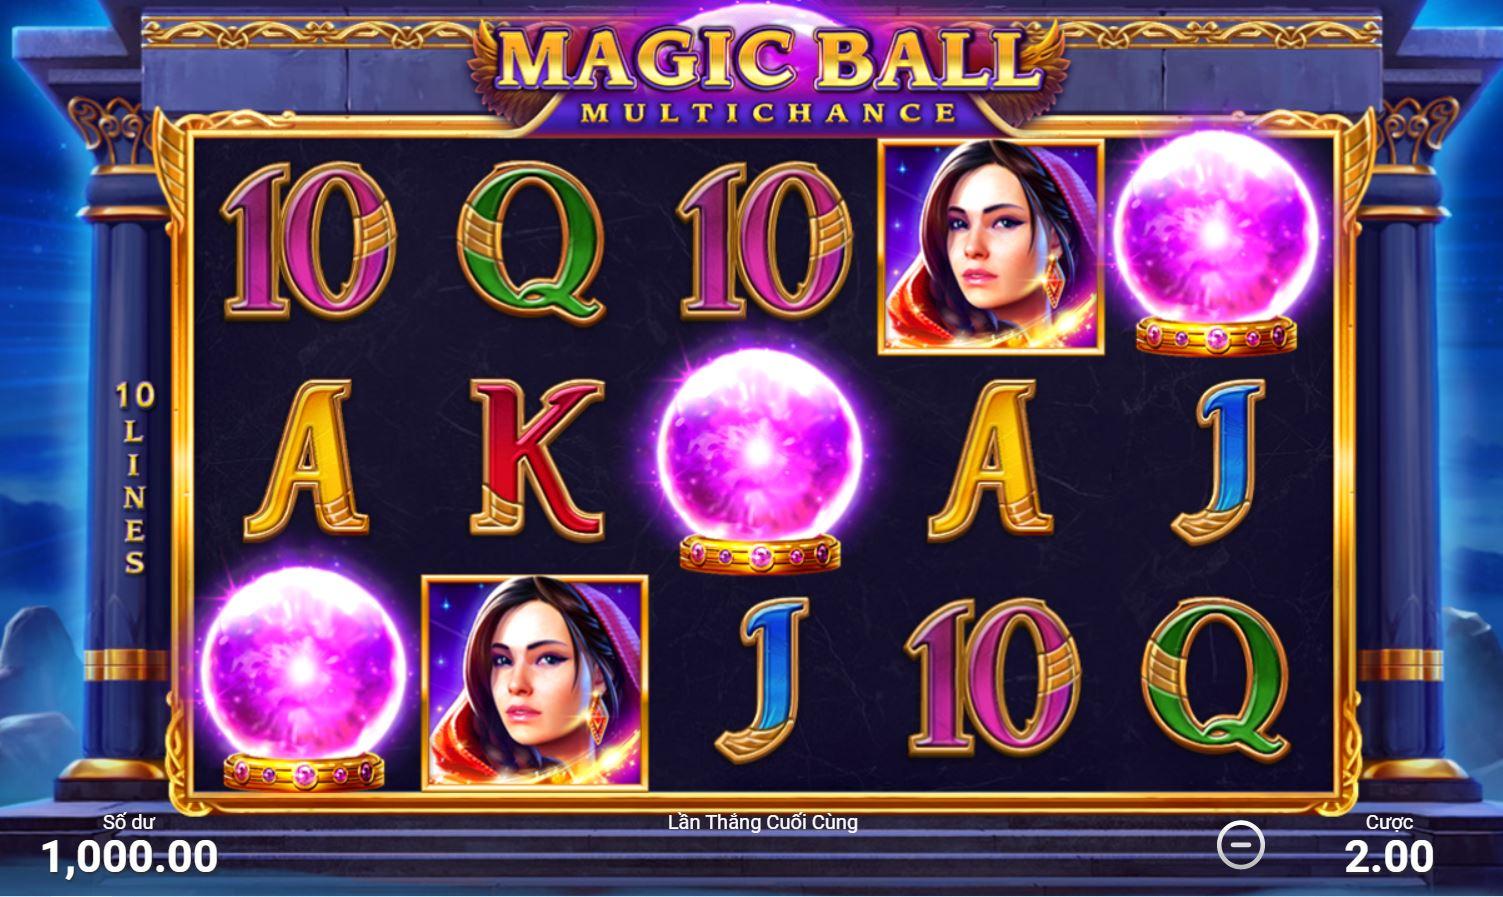 Review những tính năng đặc biệt trong game quay hũ Magic Ball - Quả bóng ma thuật